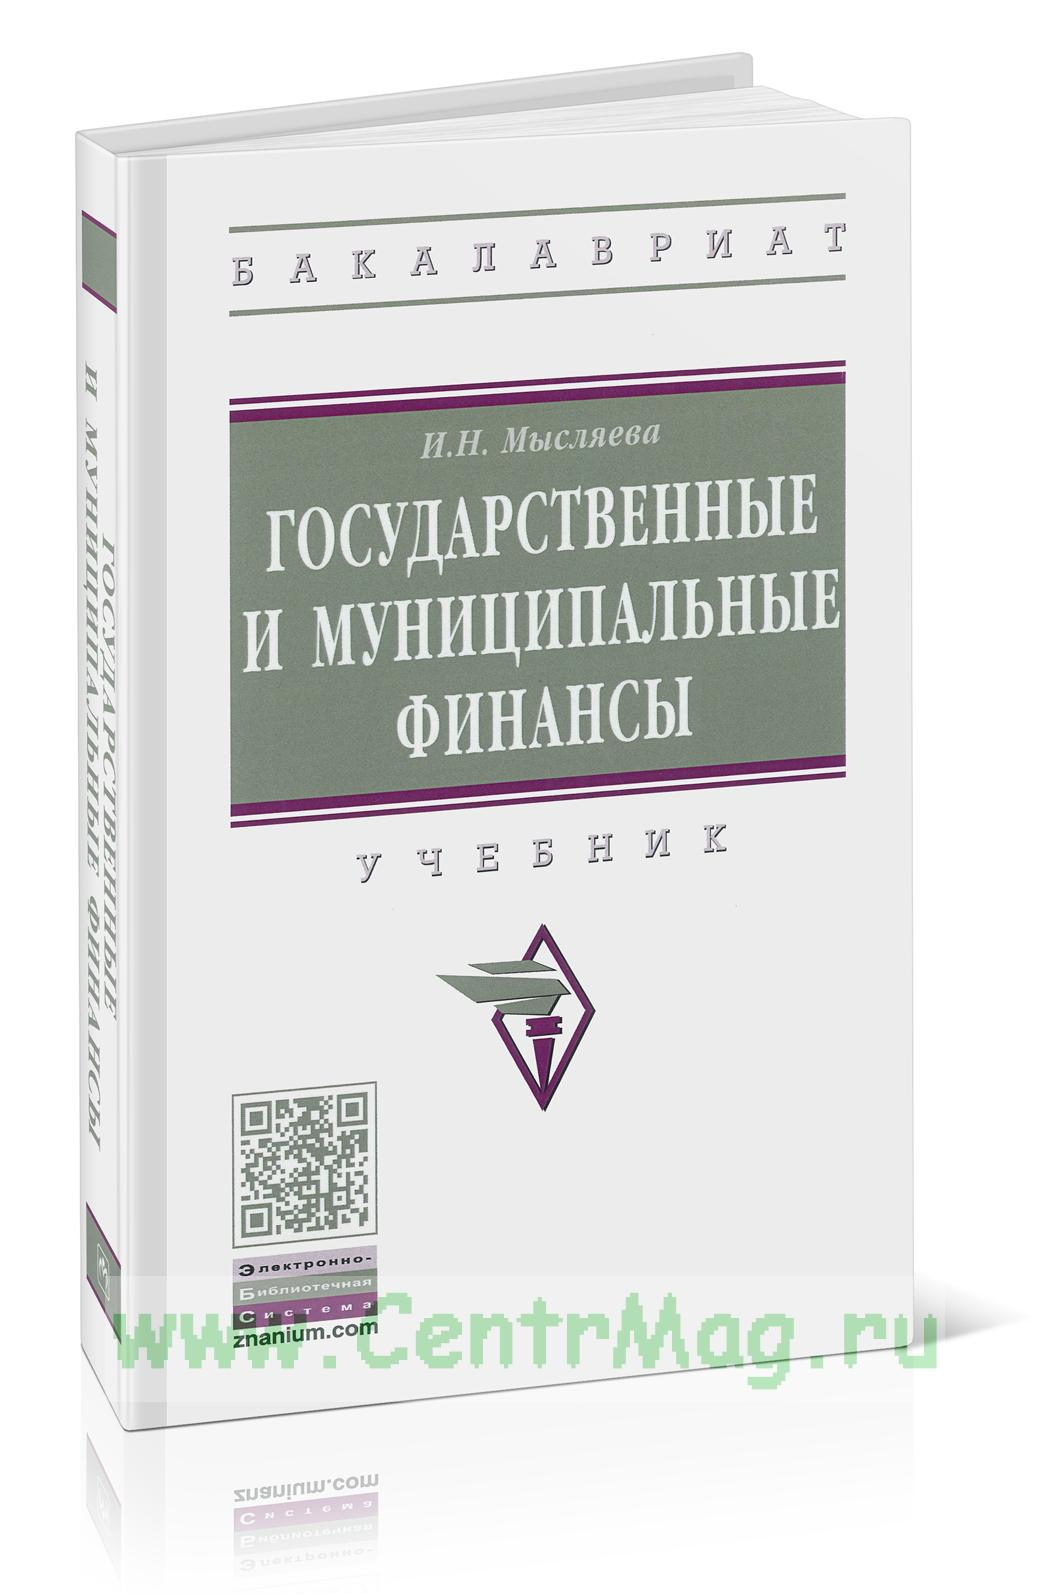 Государственные и муниципальные финансы: учебник (4-е издание, переработанное и дополненное)